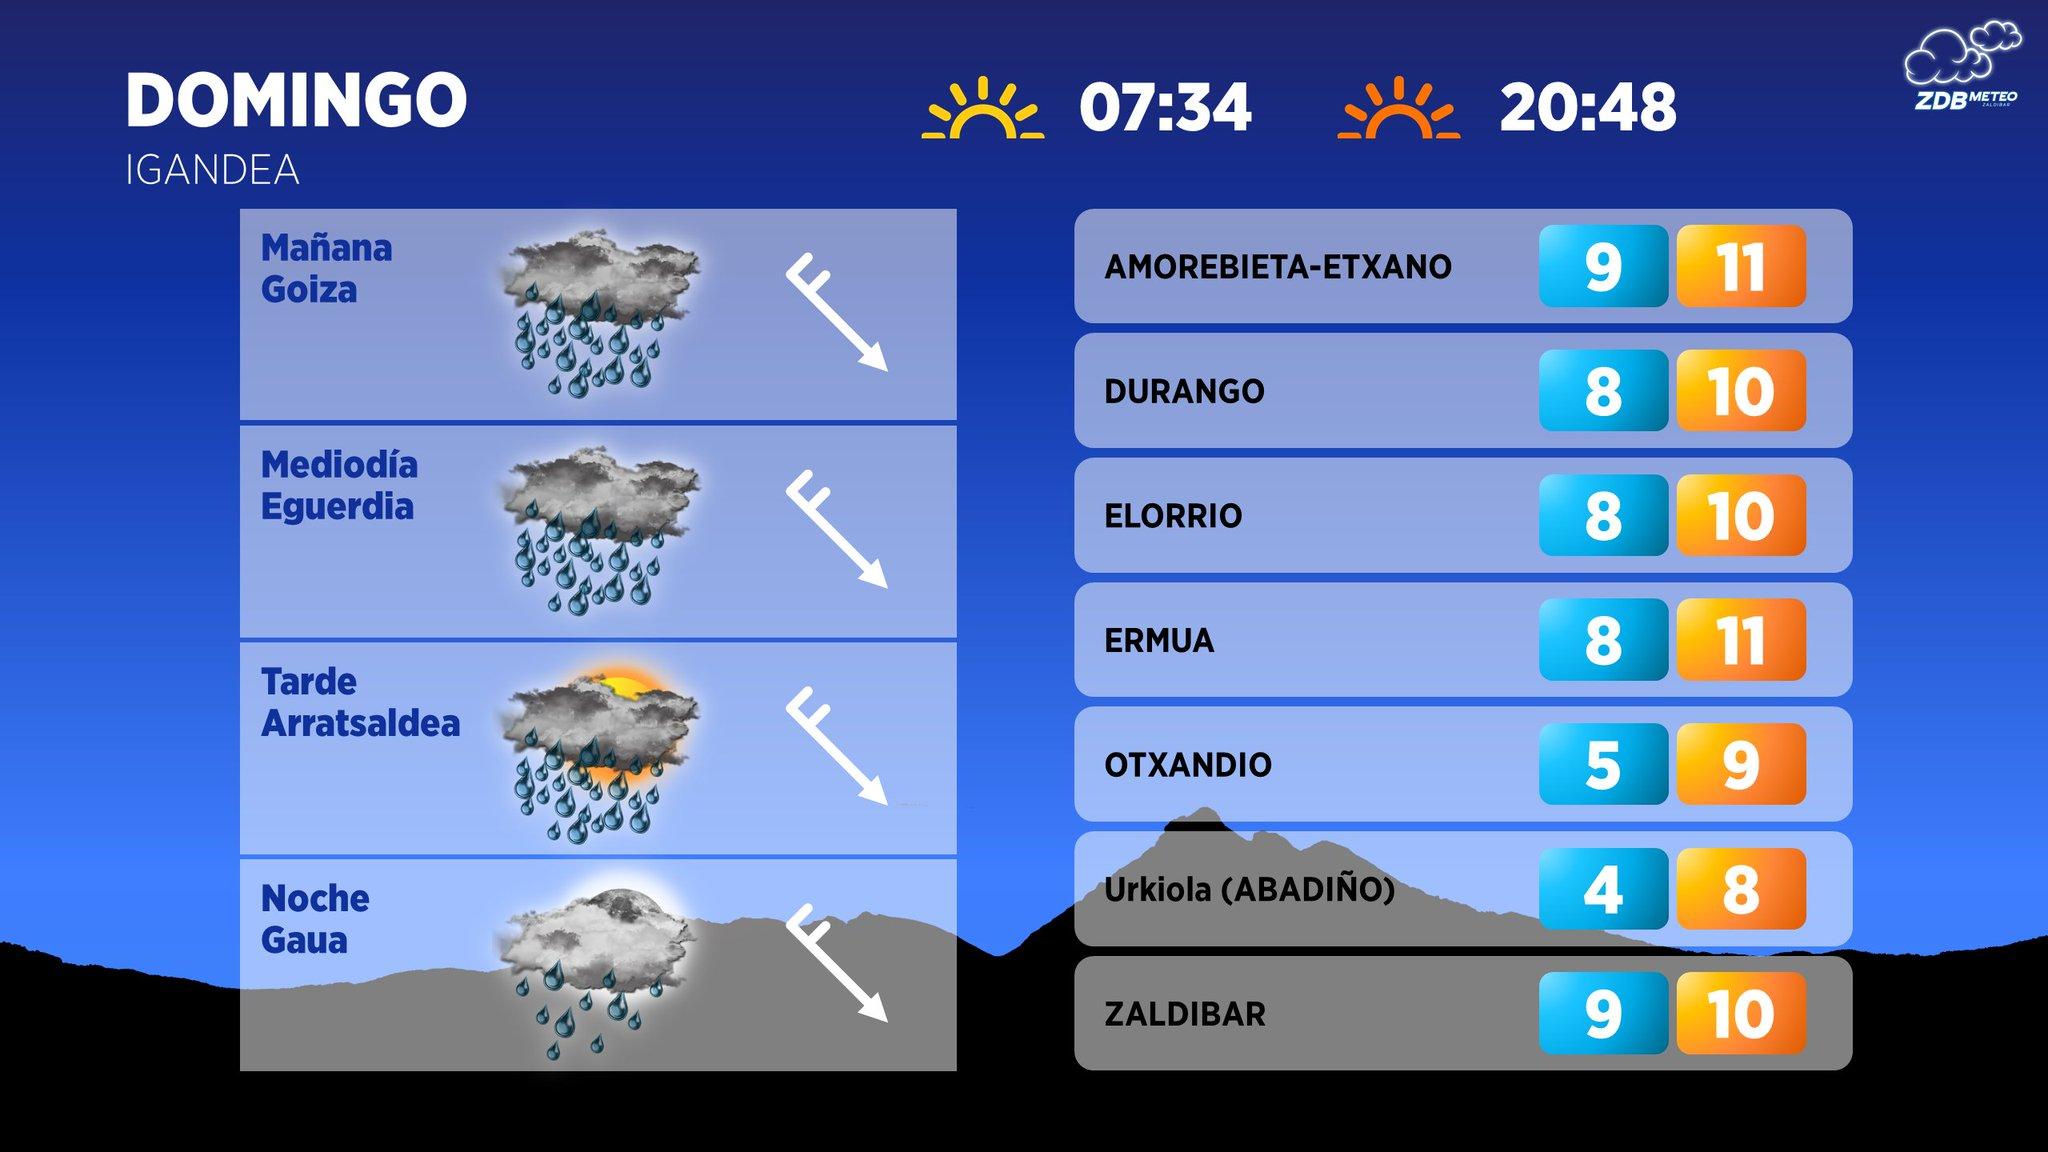 [dotb.eus] Domingo lluvioso, nieve en torno a los 800 metros y frío